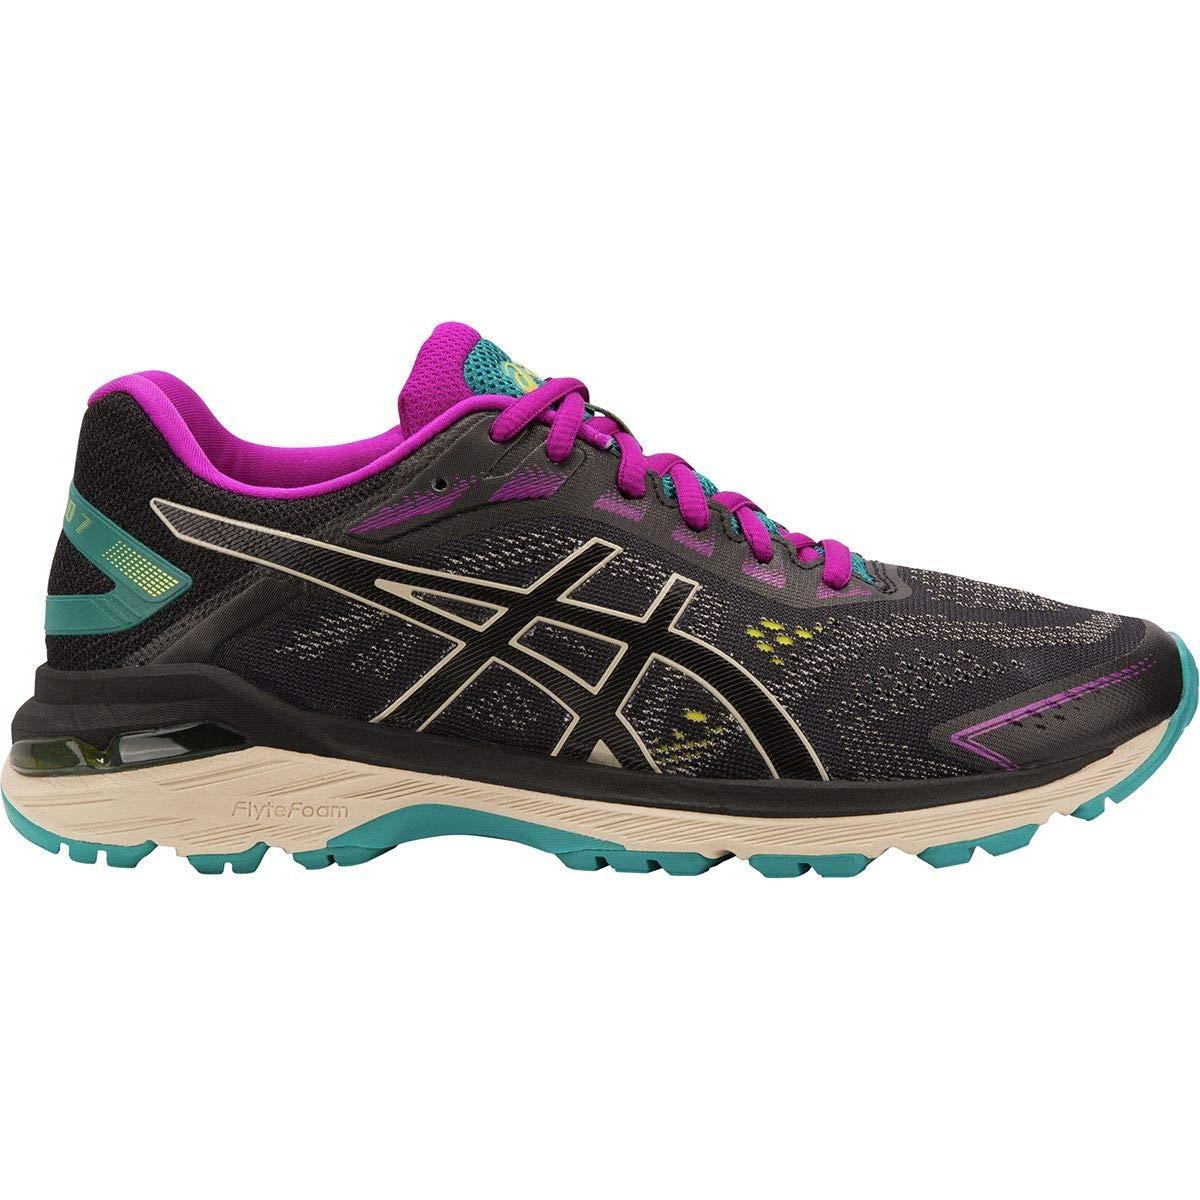 正規品販売! [アシックス] レディース ランニング GT-2000 7 Trail レディース Running 6 Shoe [並行輸入品] Running B07NZZN7TT 6, サンマリーノ:1558d9b5 --- lazypandafilms.com